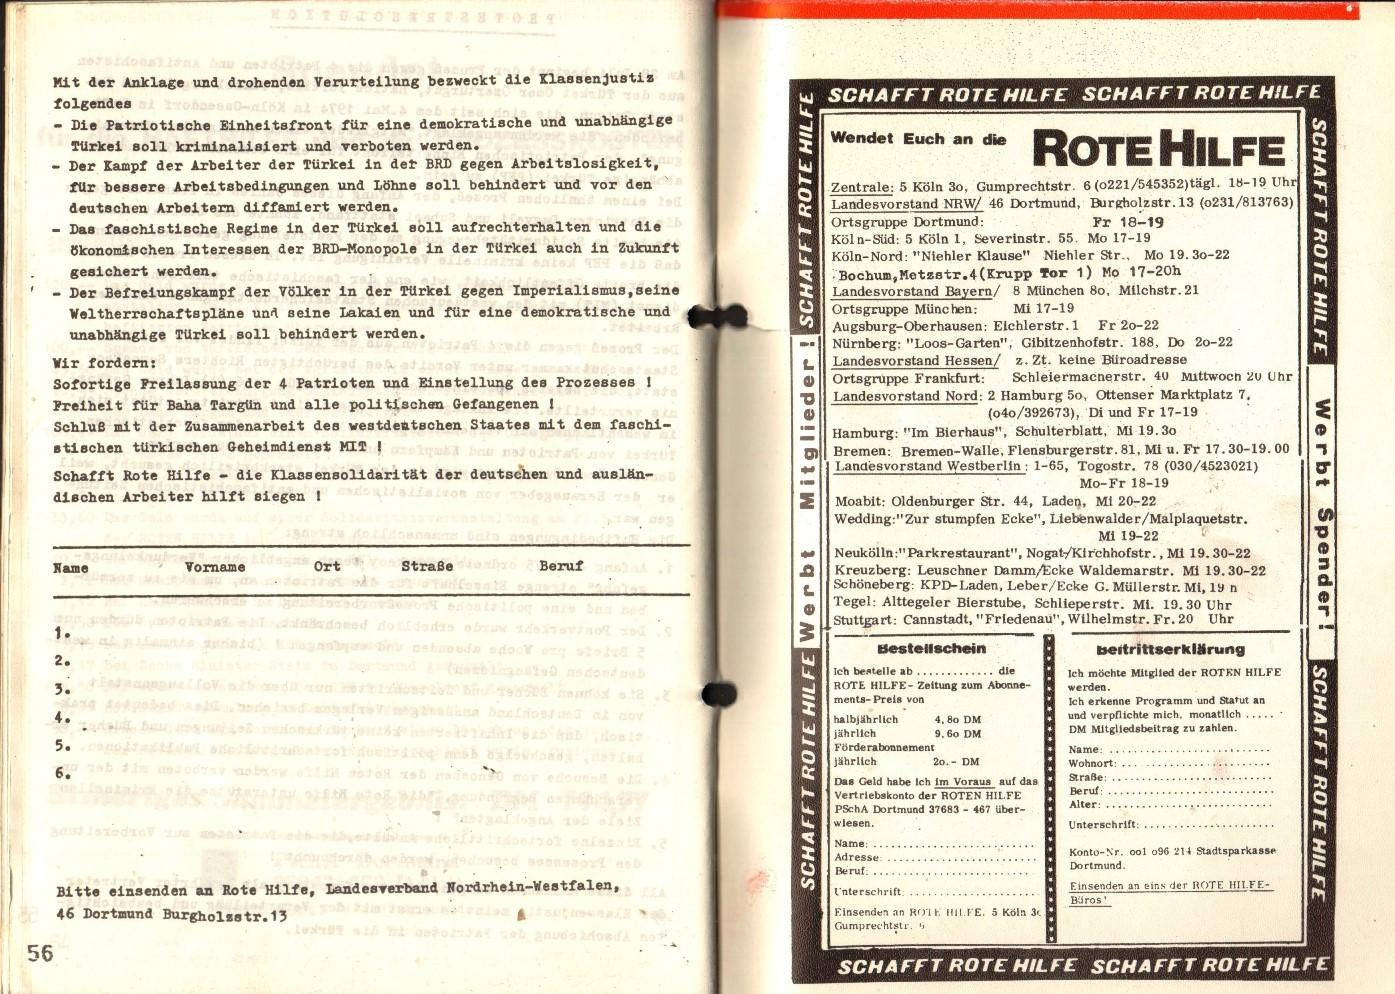 NRW_Rote_Hilfe_1975_Sofortige_Freilassung_der_tuerkischen_Patrioten_30